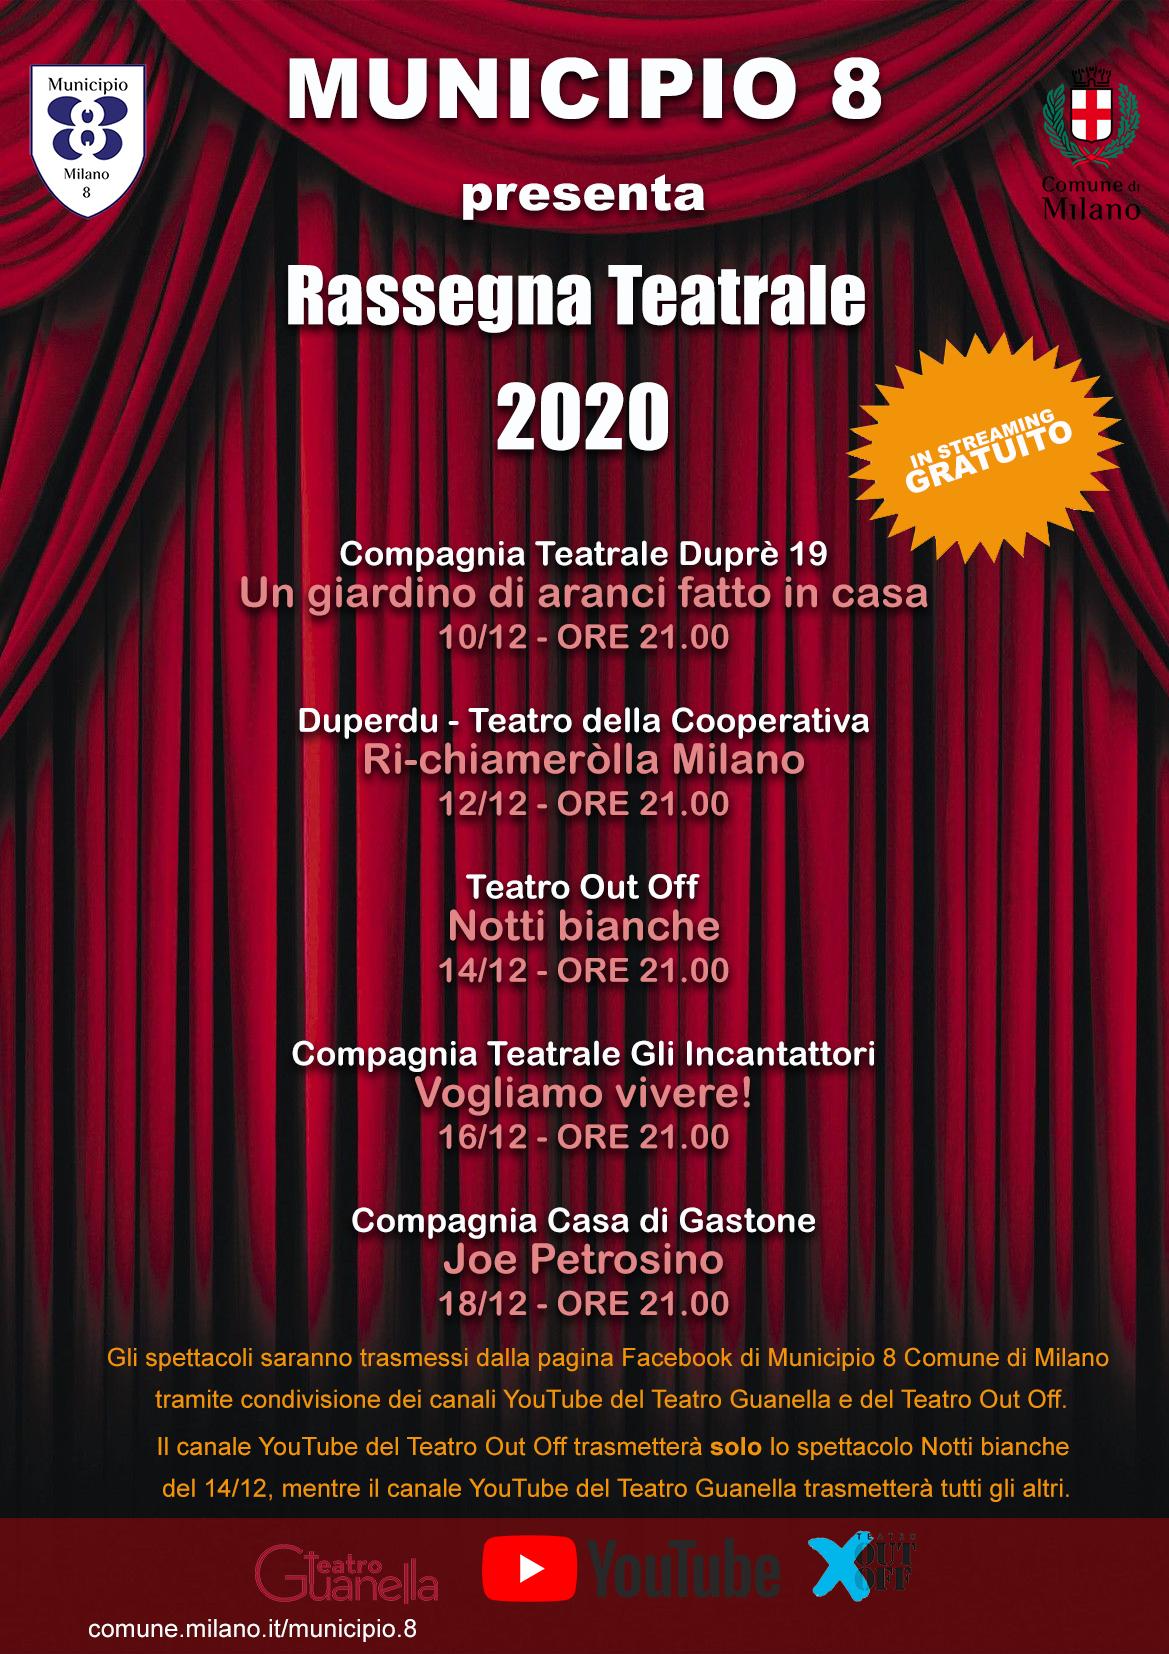 RASSEGNA TEATRALE ONLINE 2020 – MUNICIPIO 8